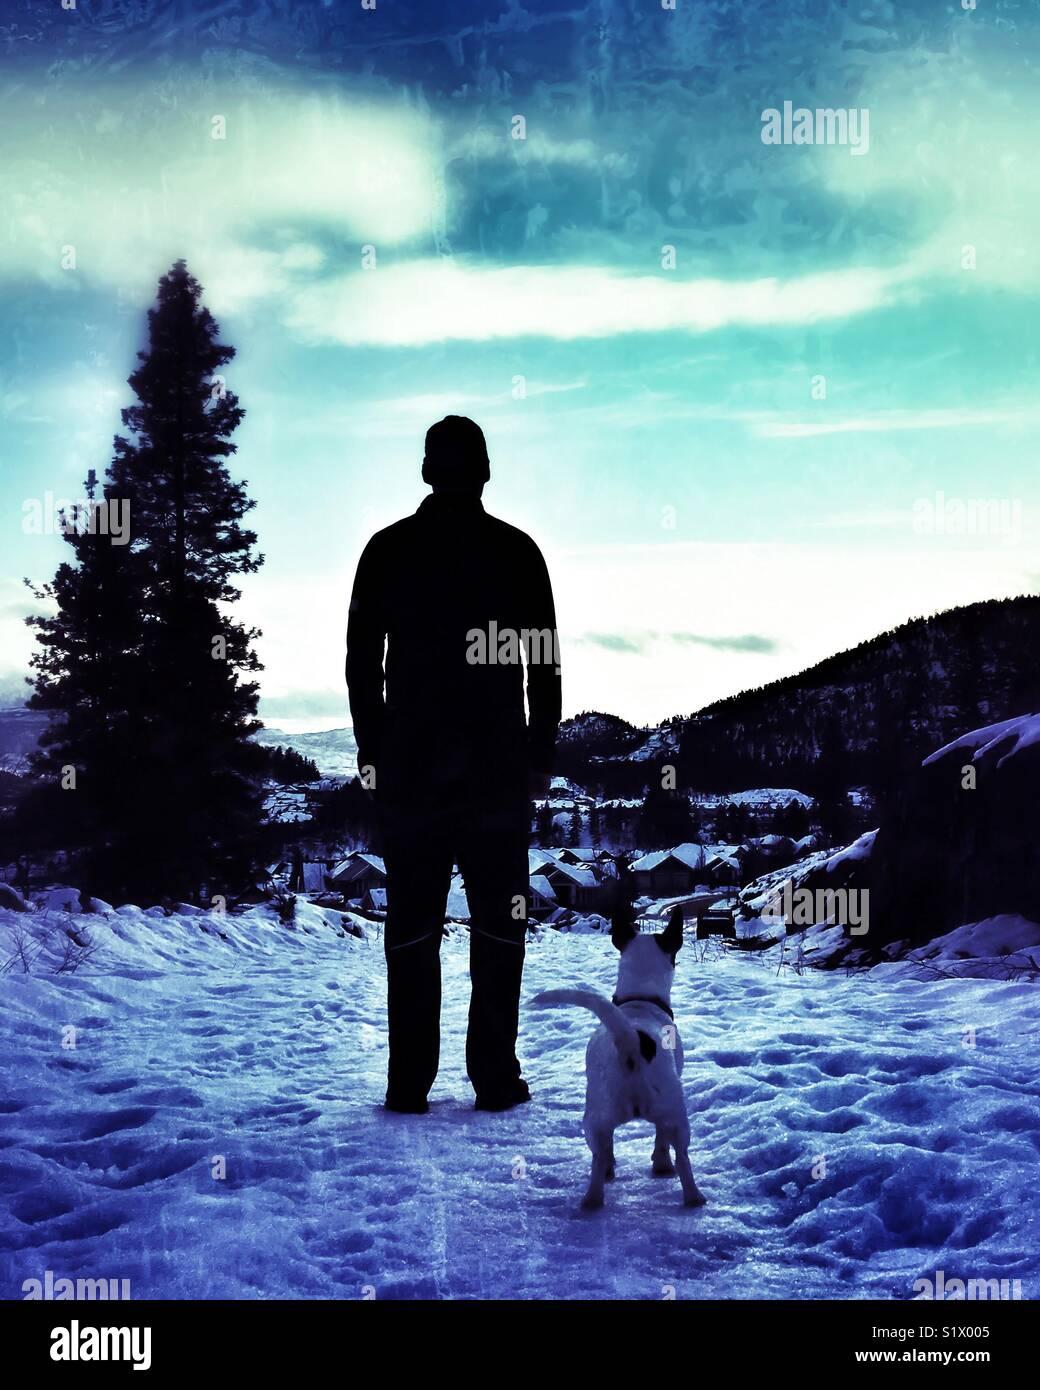 Silhouette di un uomo in piedi nella neve con il suo cane. Immagini Stock